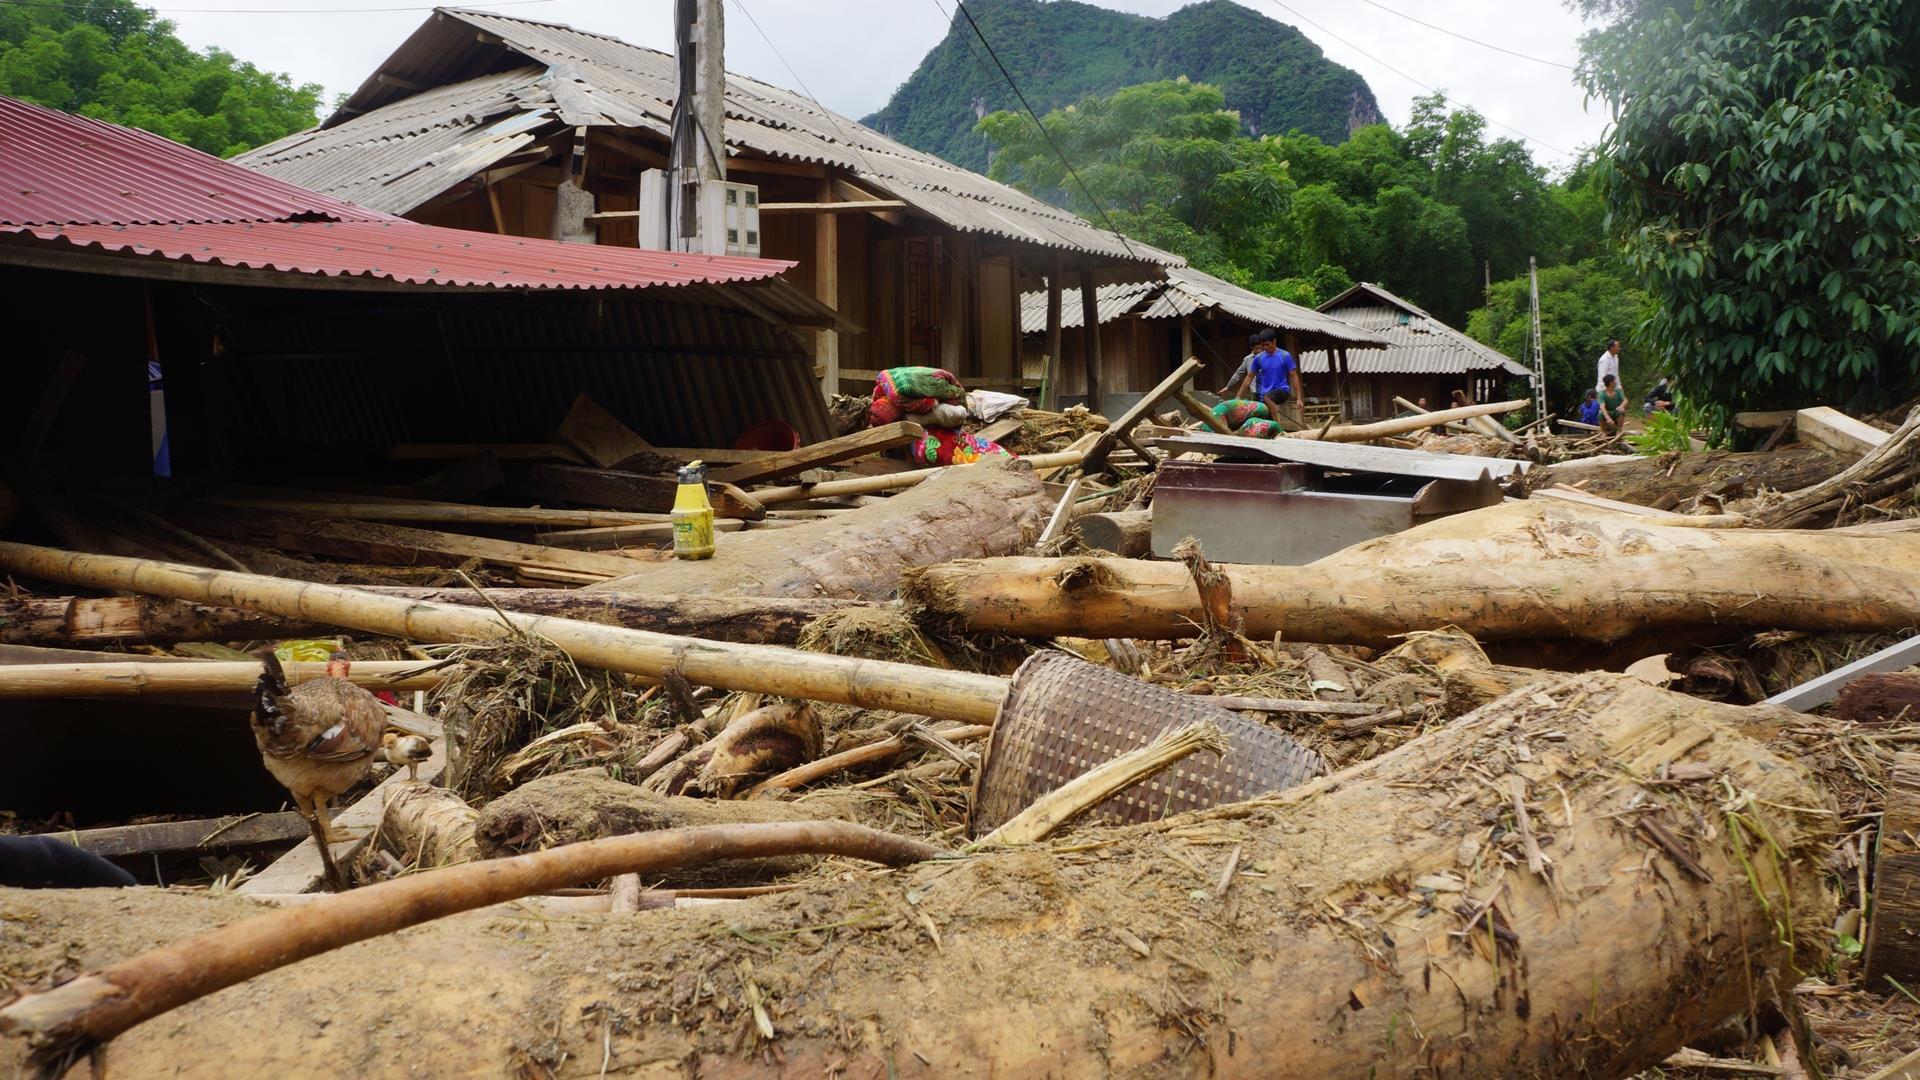 Hàng trăm m3 khối gỗ mắc kẹt tại bản làng ở Thanh Hóa sau mưa lũ